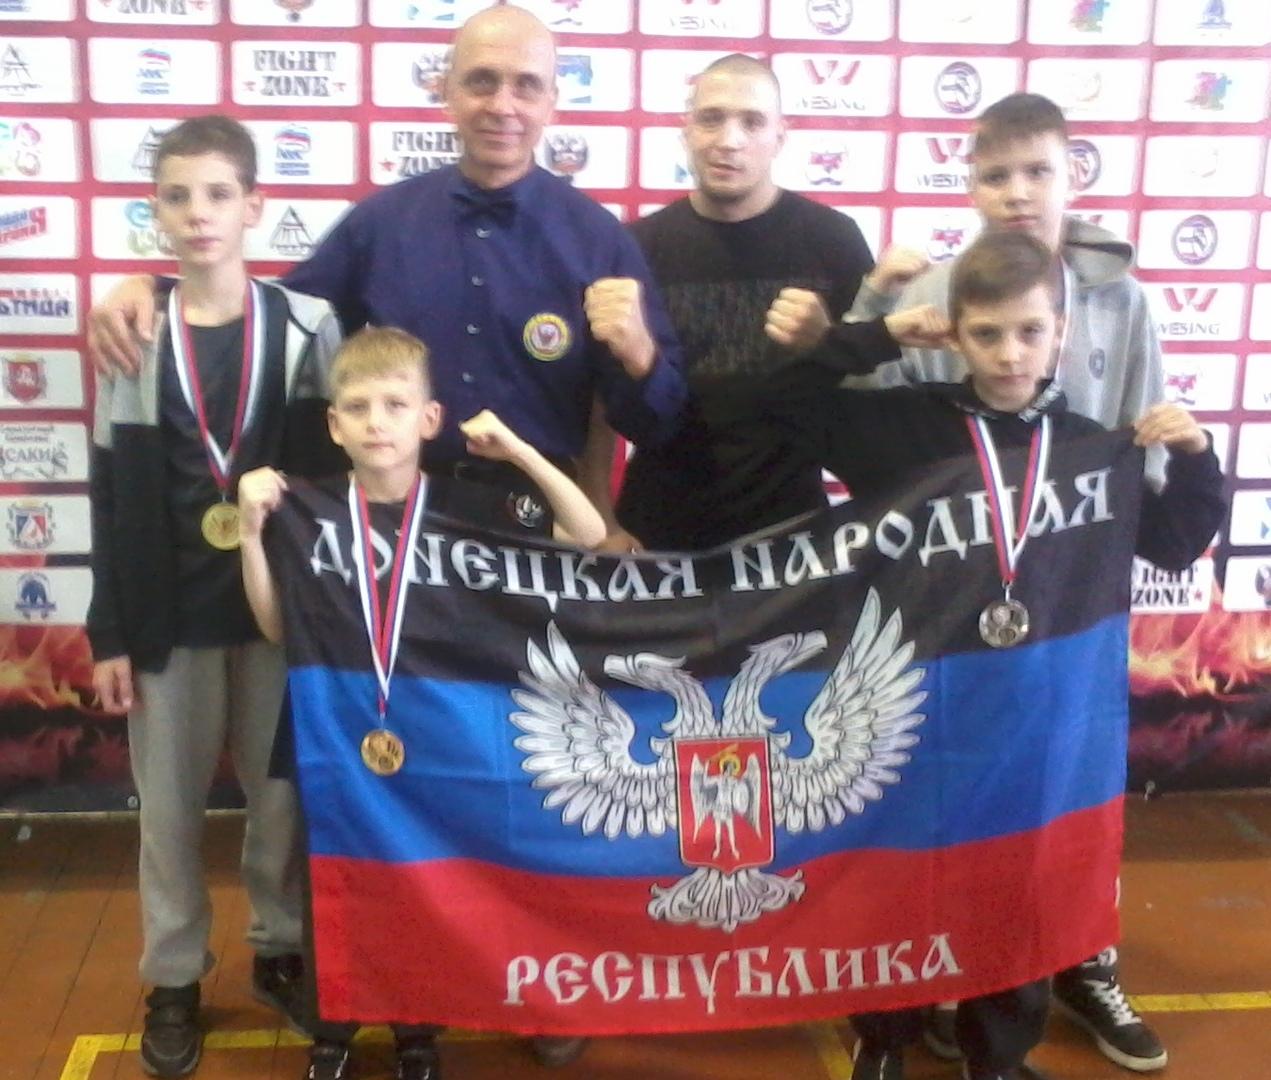 Спортсмены города Донецка – победители и призёры чемпионата и первенства Республики Крым по тайскому боксу